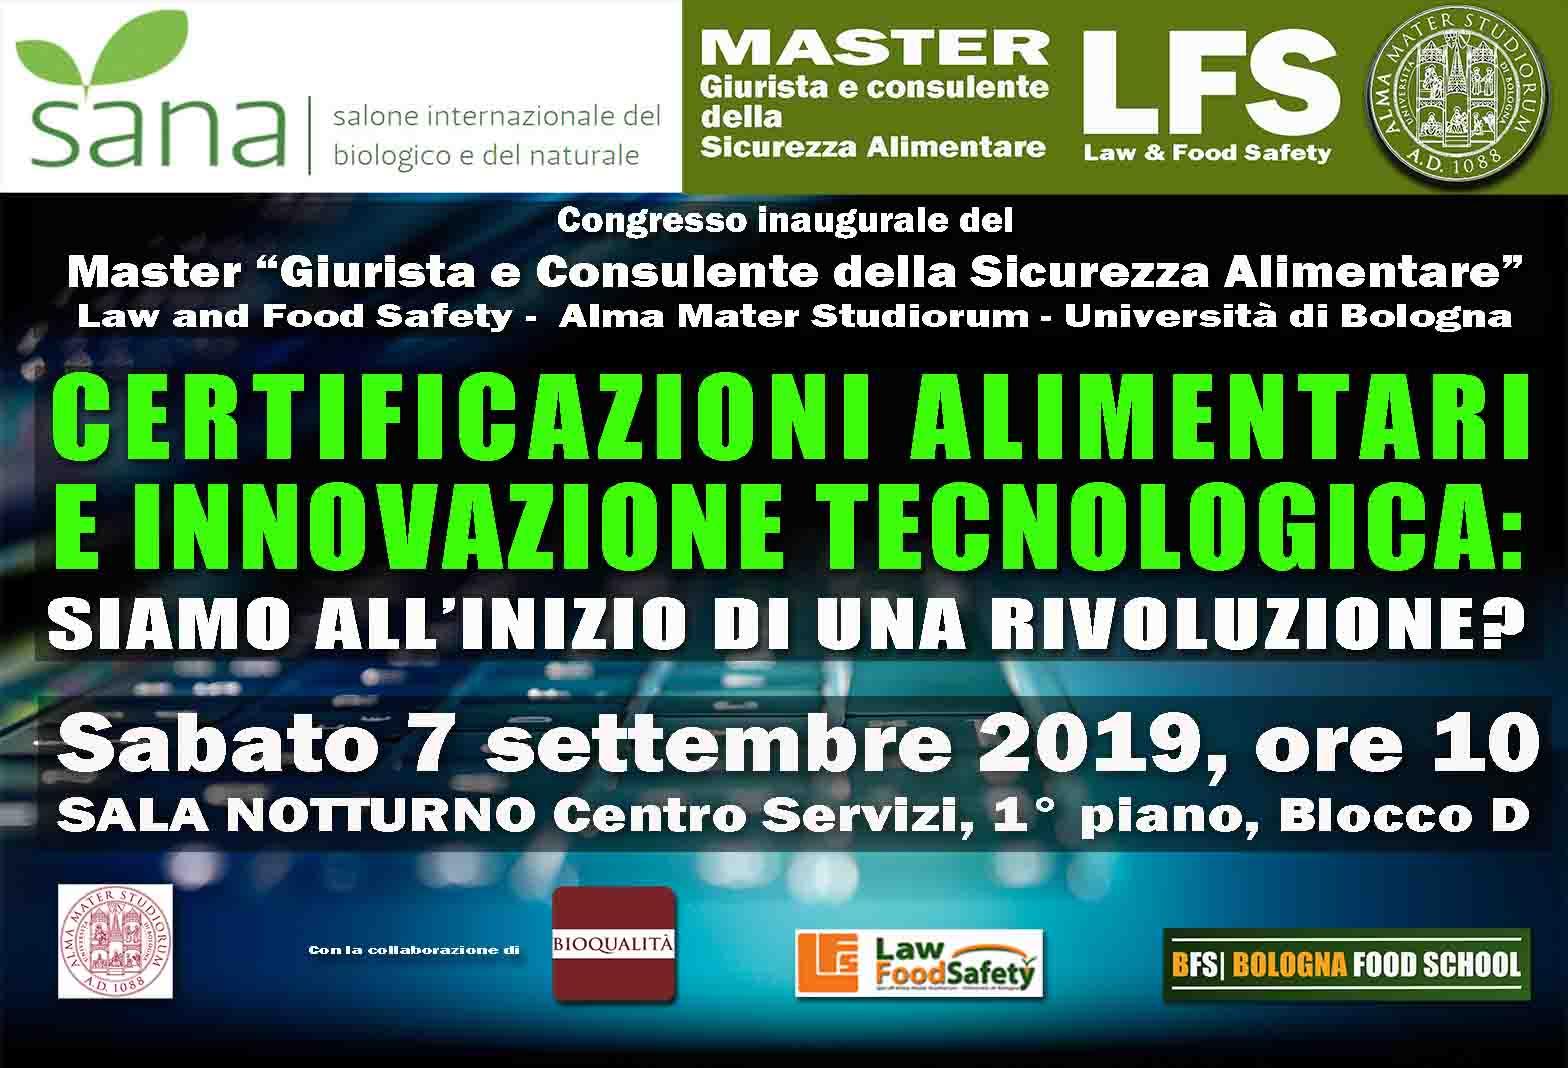 SANA 2019 - 7 SETTEMBRE 2019 - CERTIFICAZIONI ALIMENTARI  E INNOVAZIONE TECNOLOGICA: SIAMO ALL'INIZIO DI UNA RIVOLUZIONE?